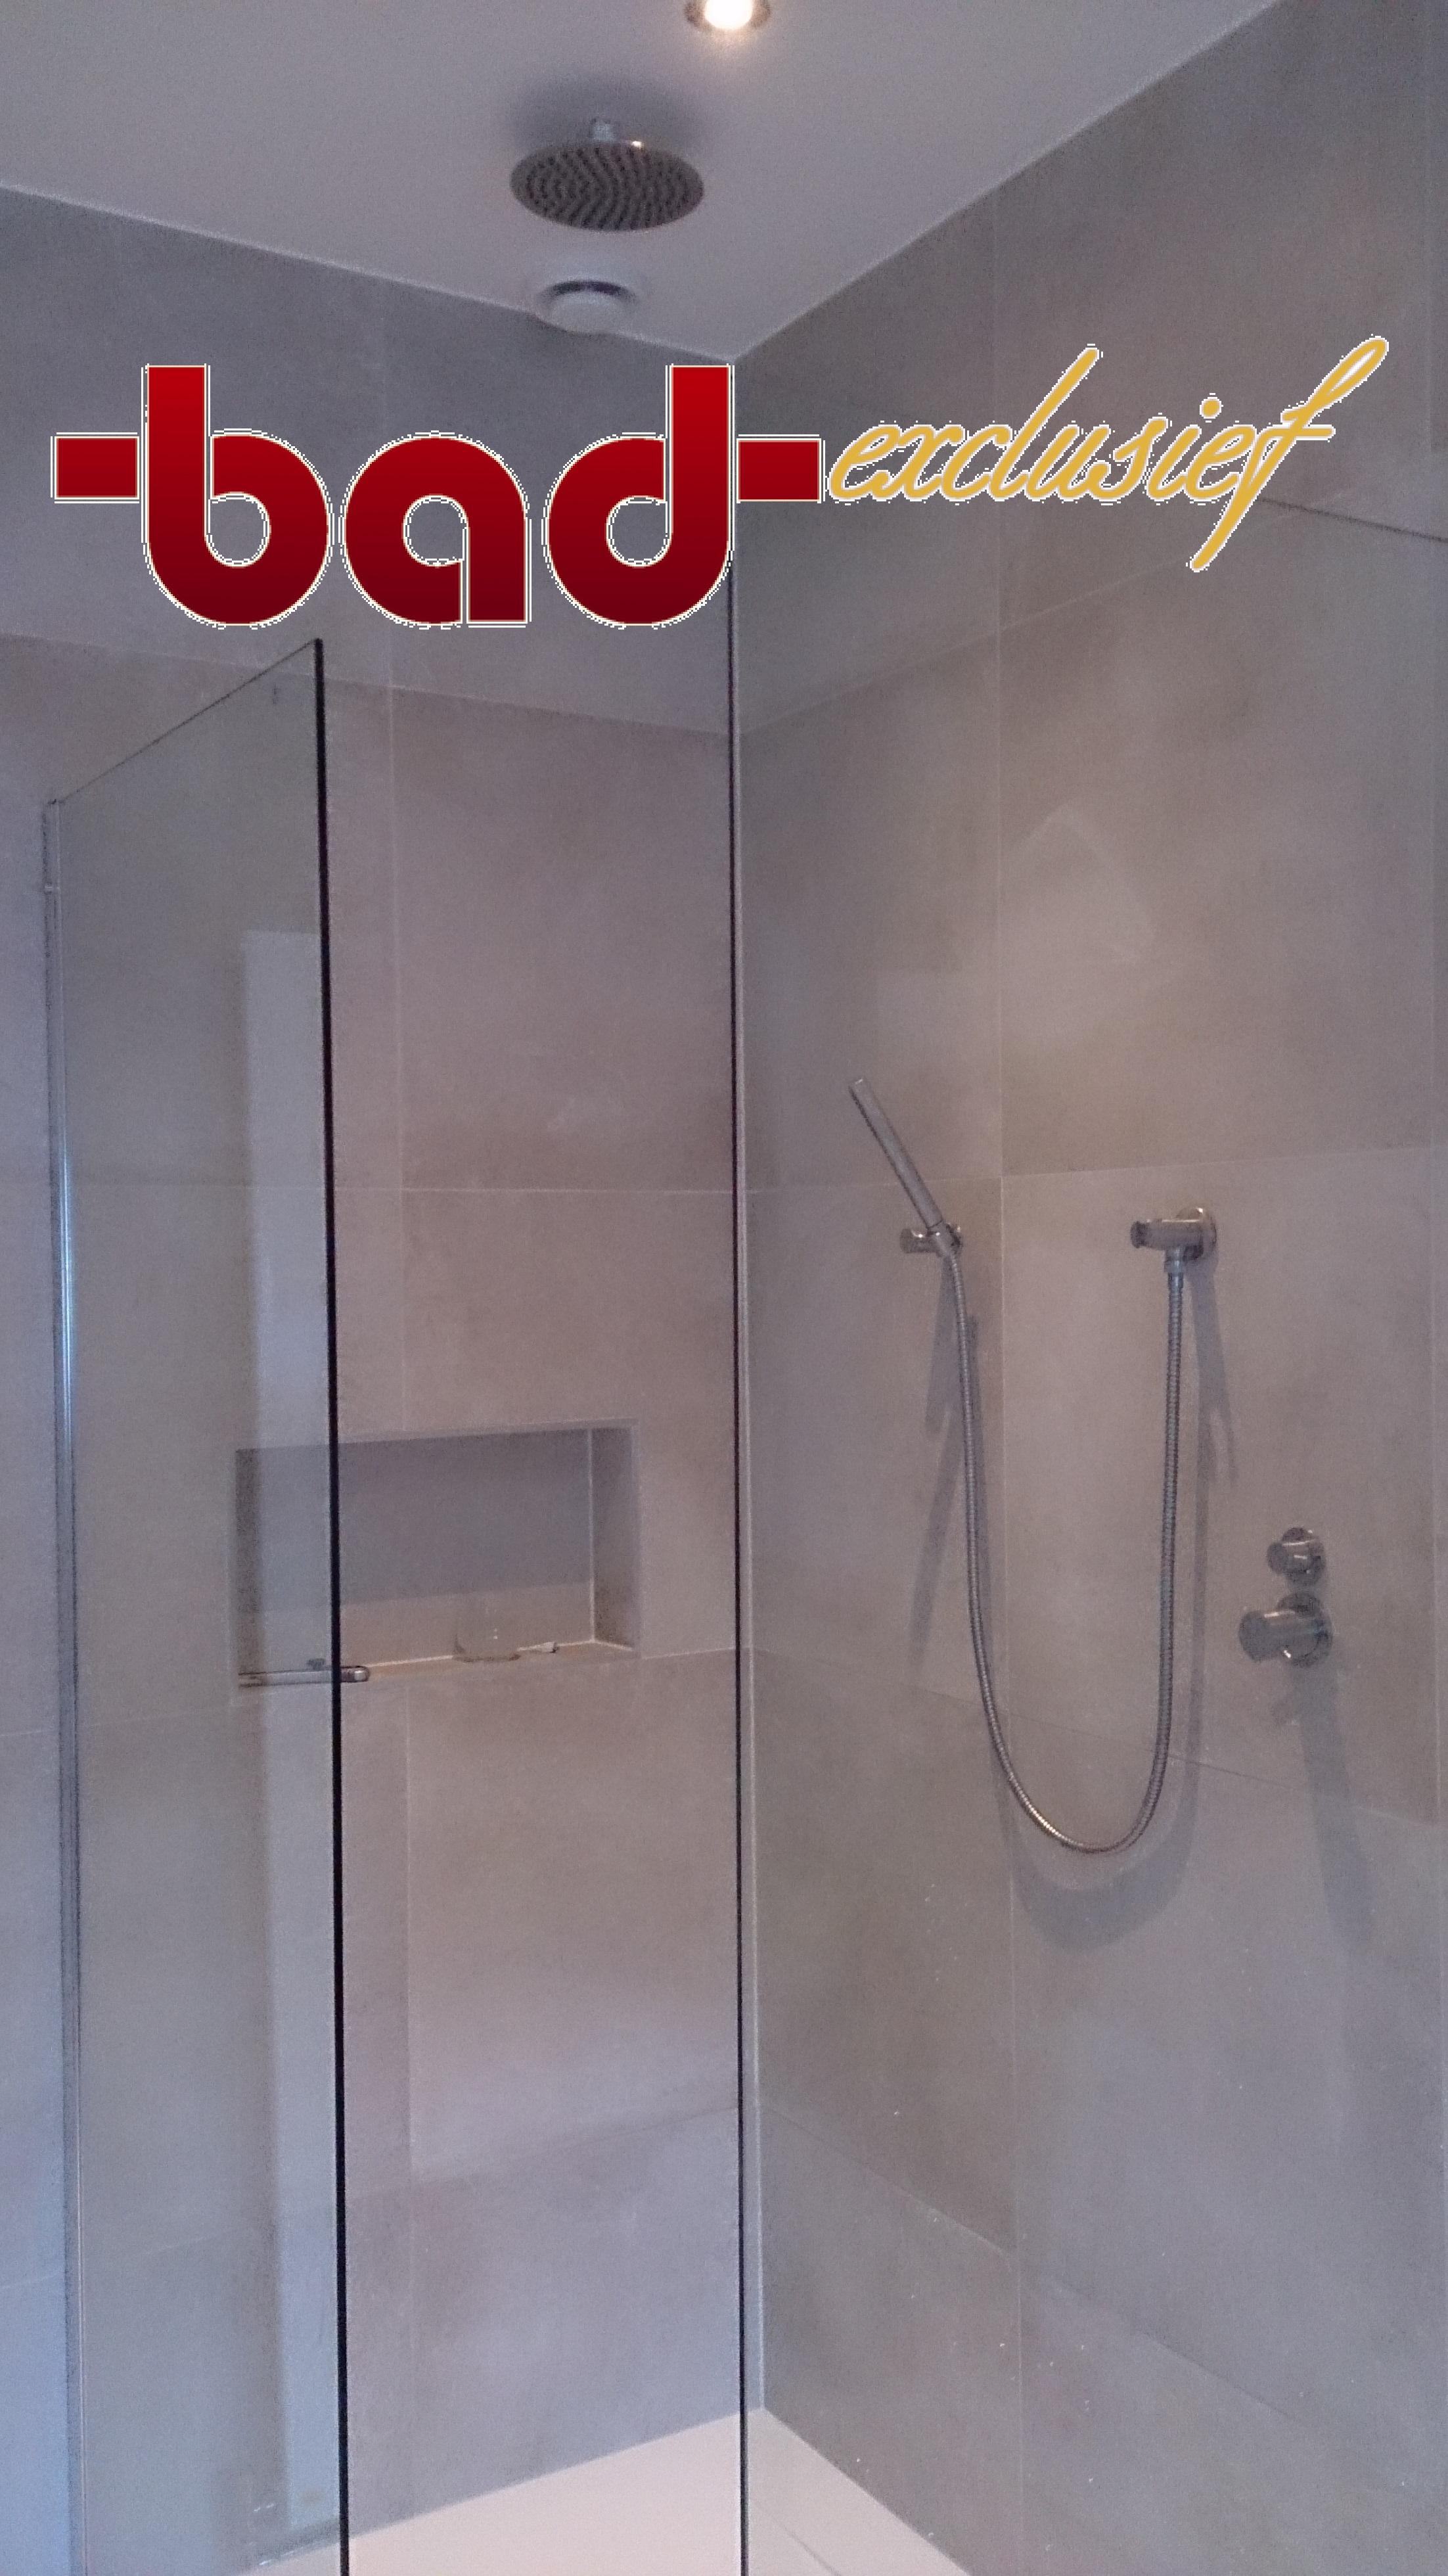 links badexclusief groningen luxe sanitair kranen tegels